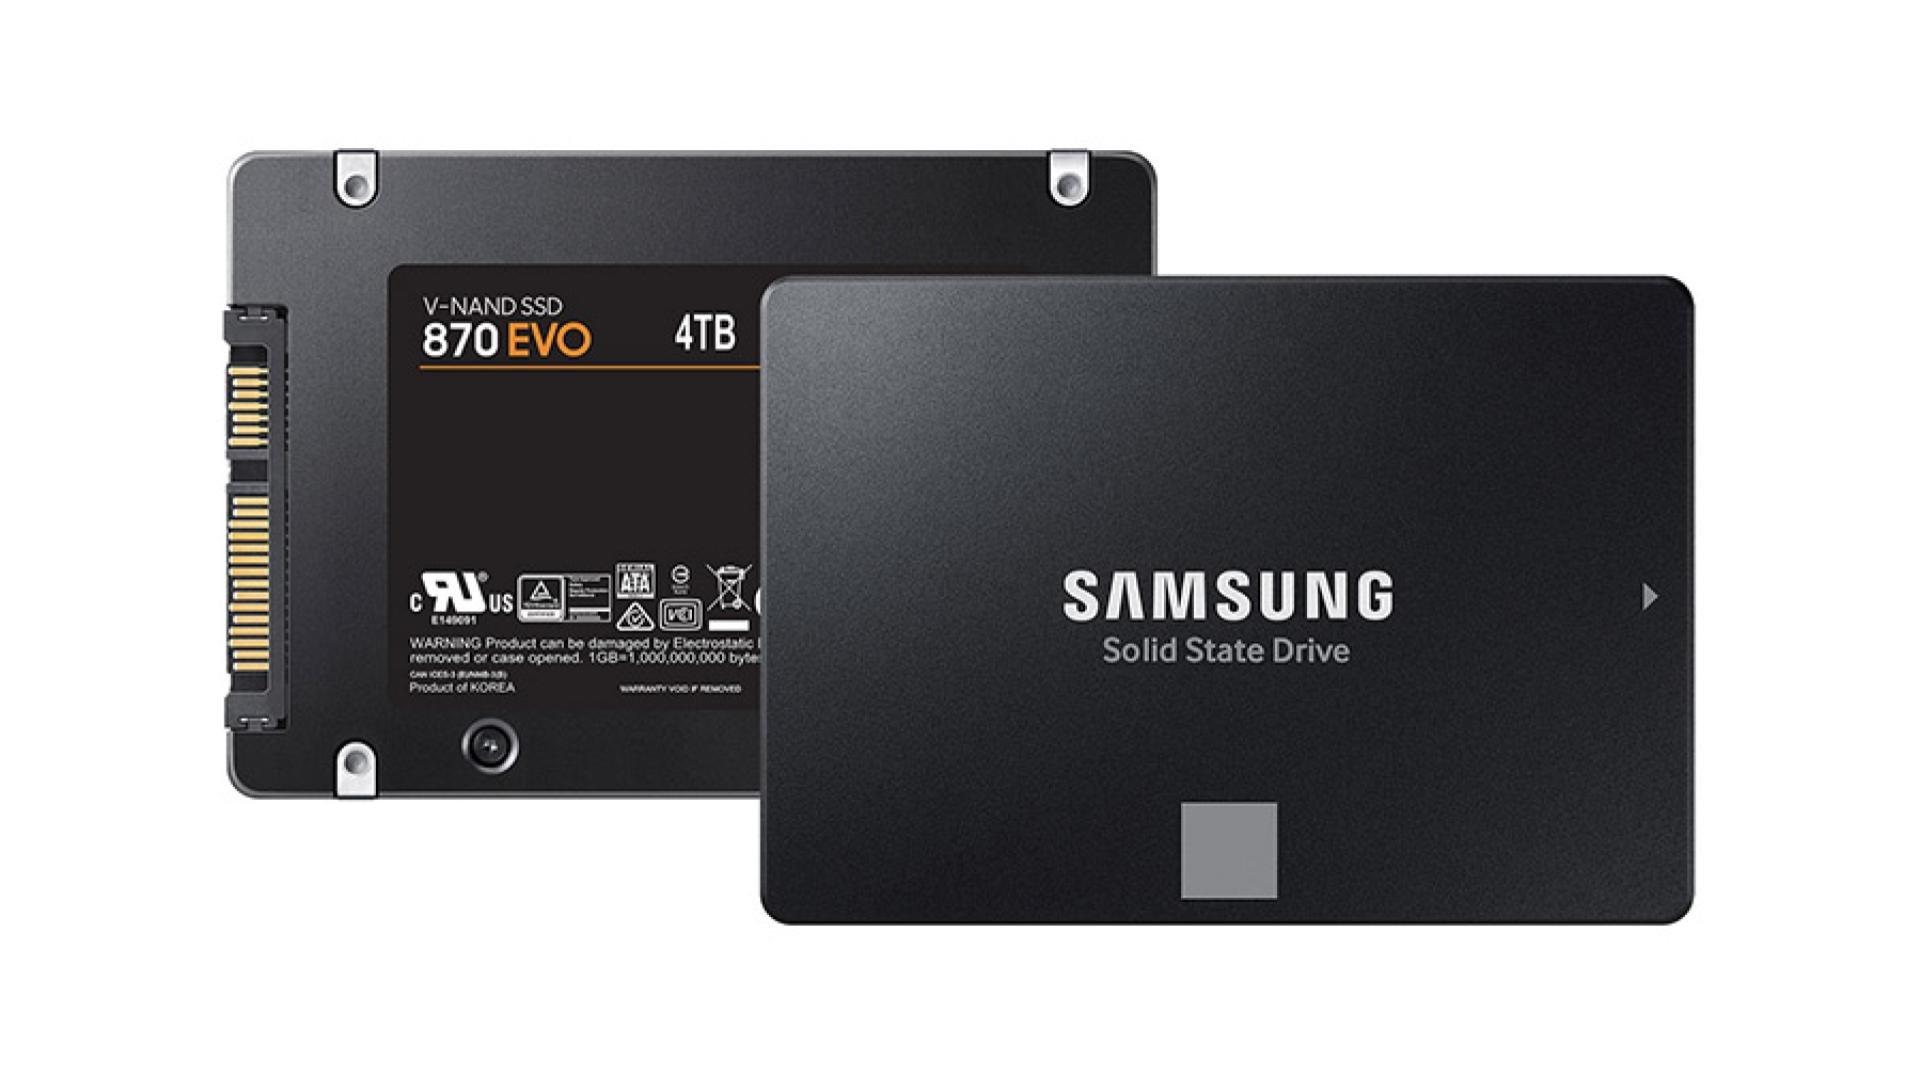 Le nouveau SSD Samsung 870 EVO 2 To déjà à prix cassé - Journal du geek